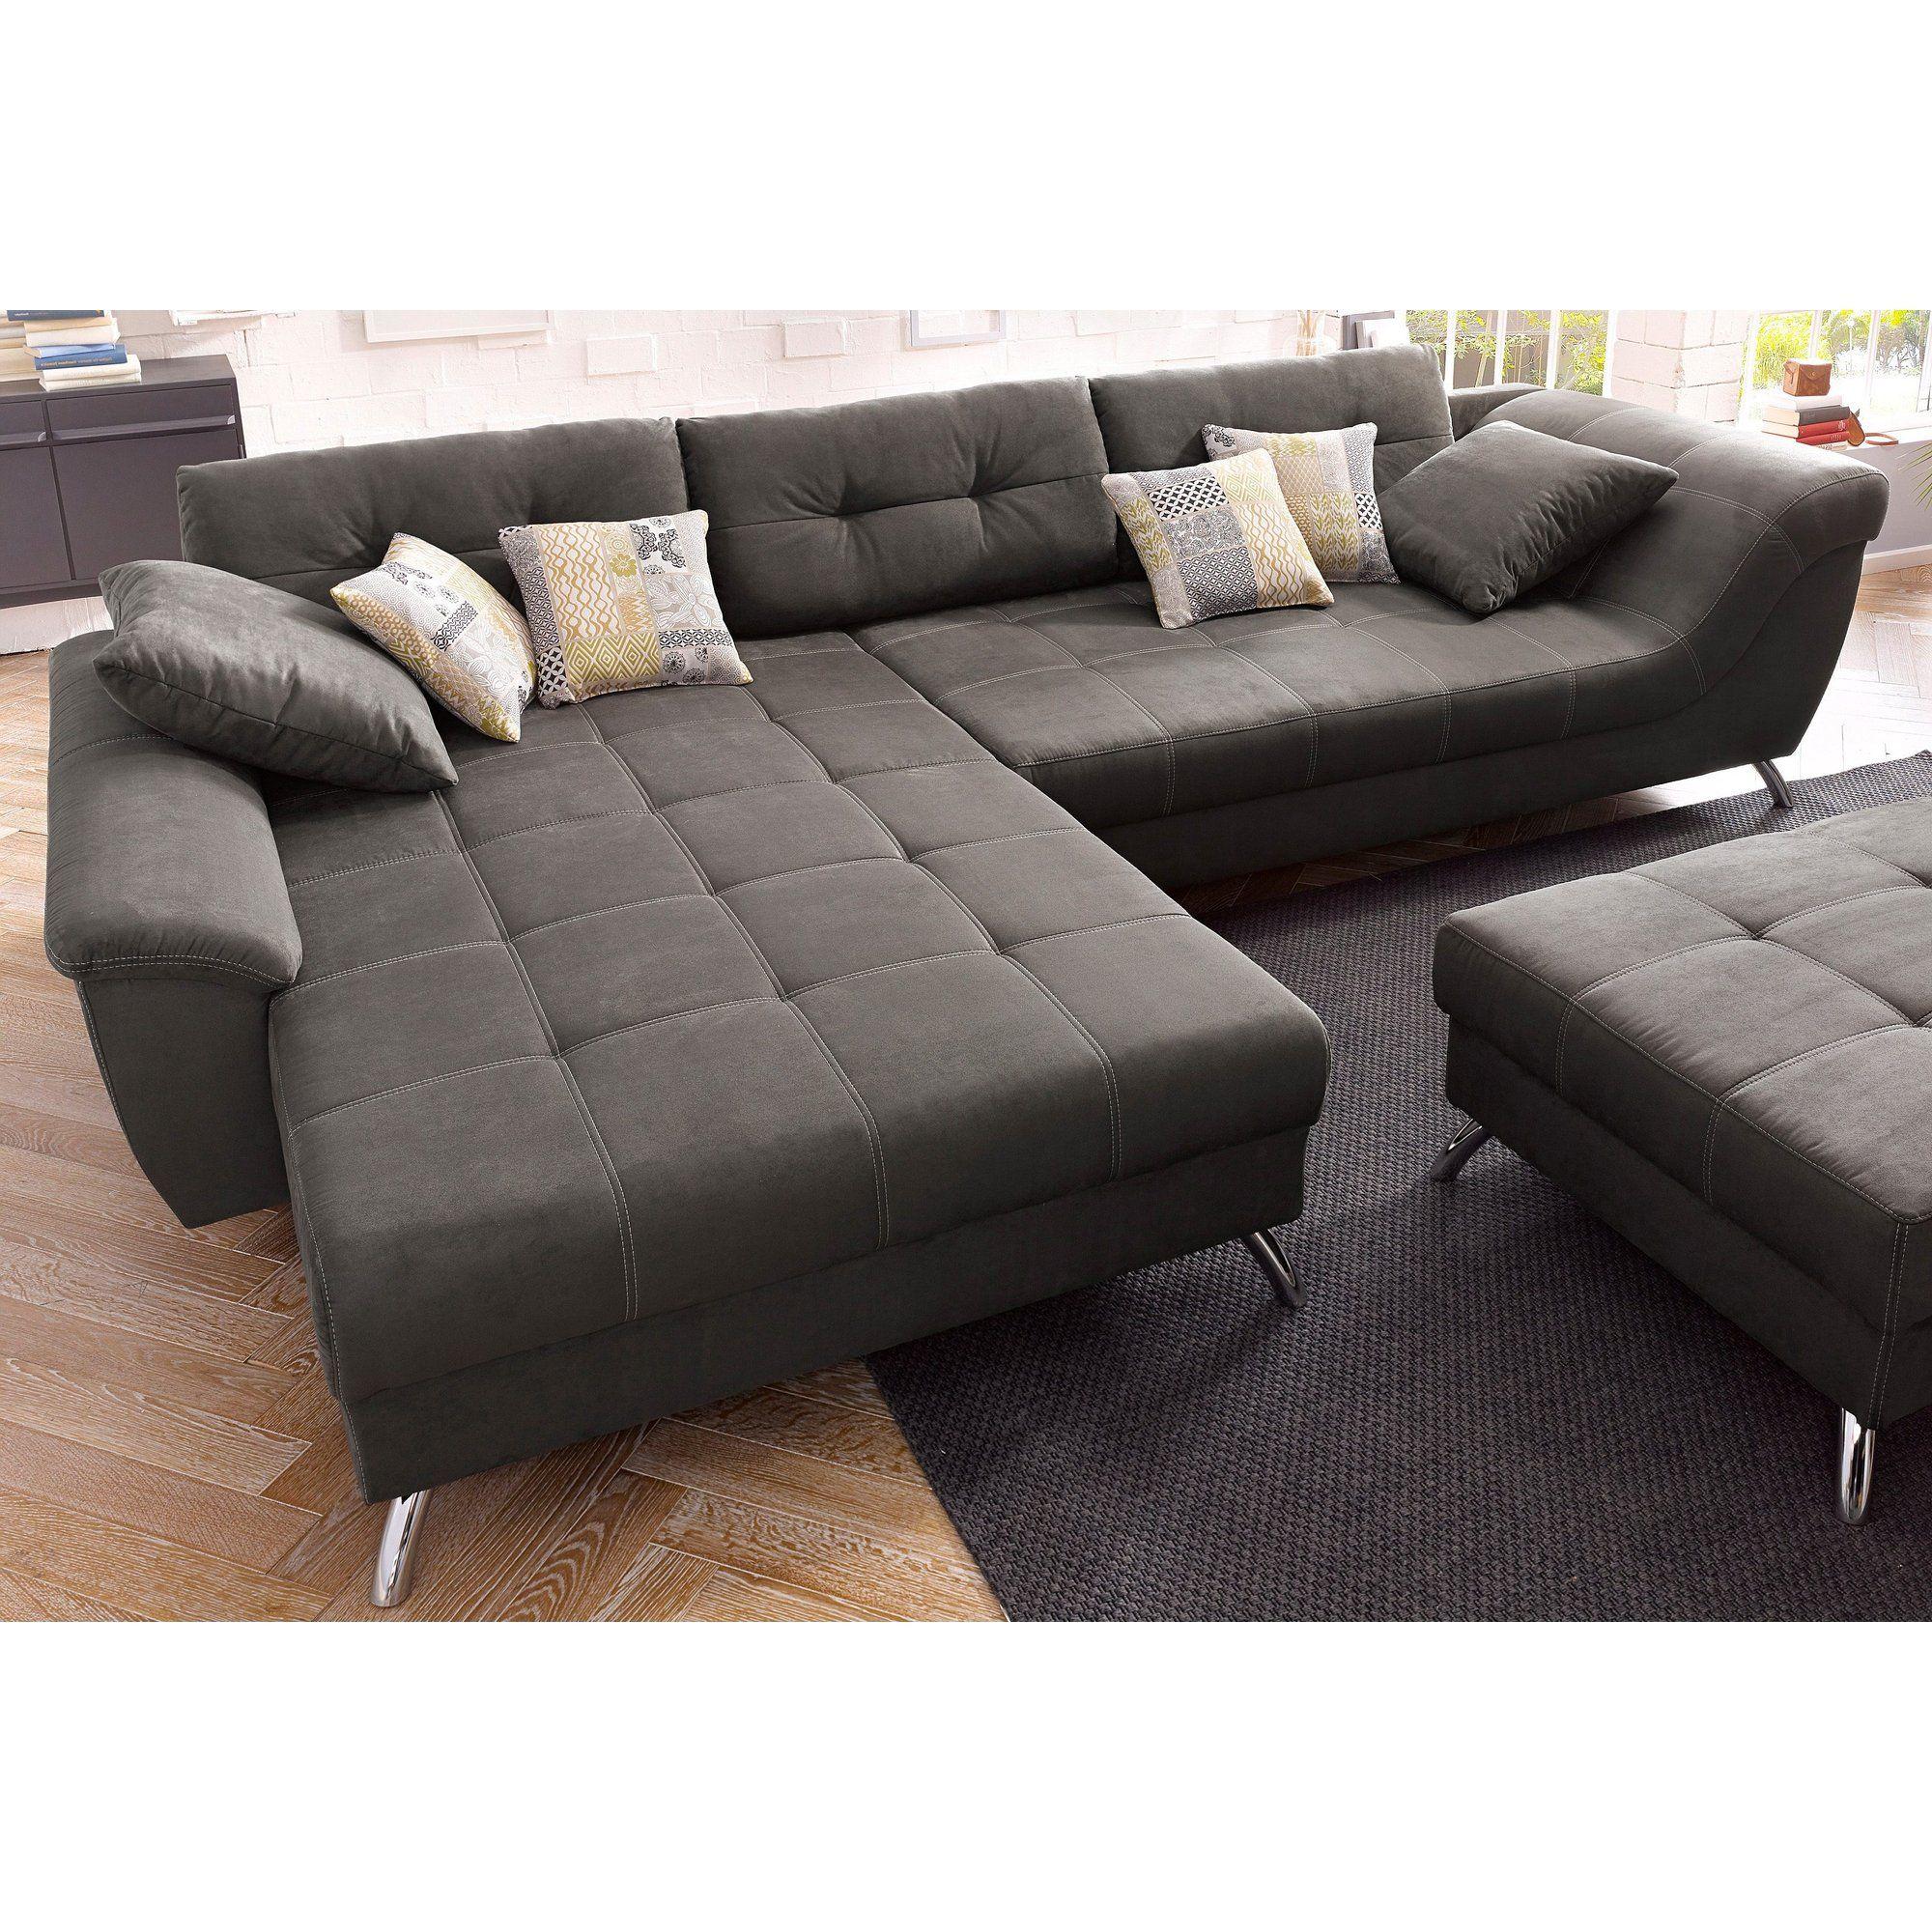 Canapé d angle avec méri nne modulable Un style très